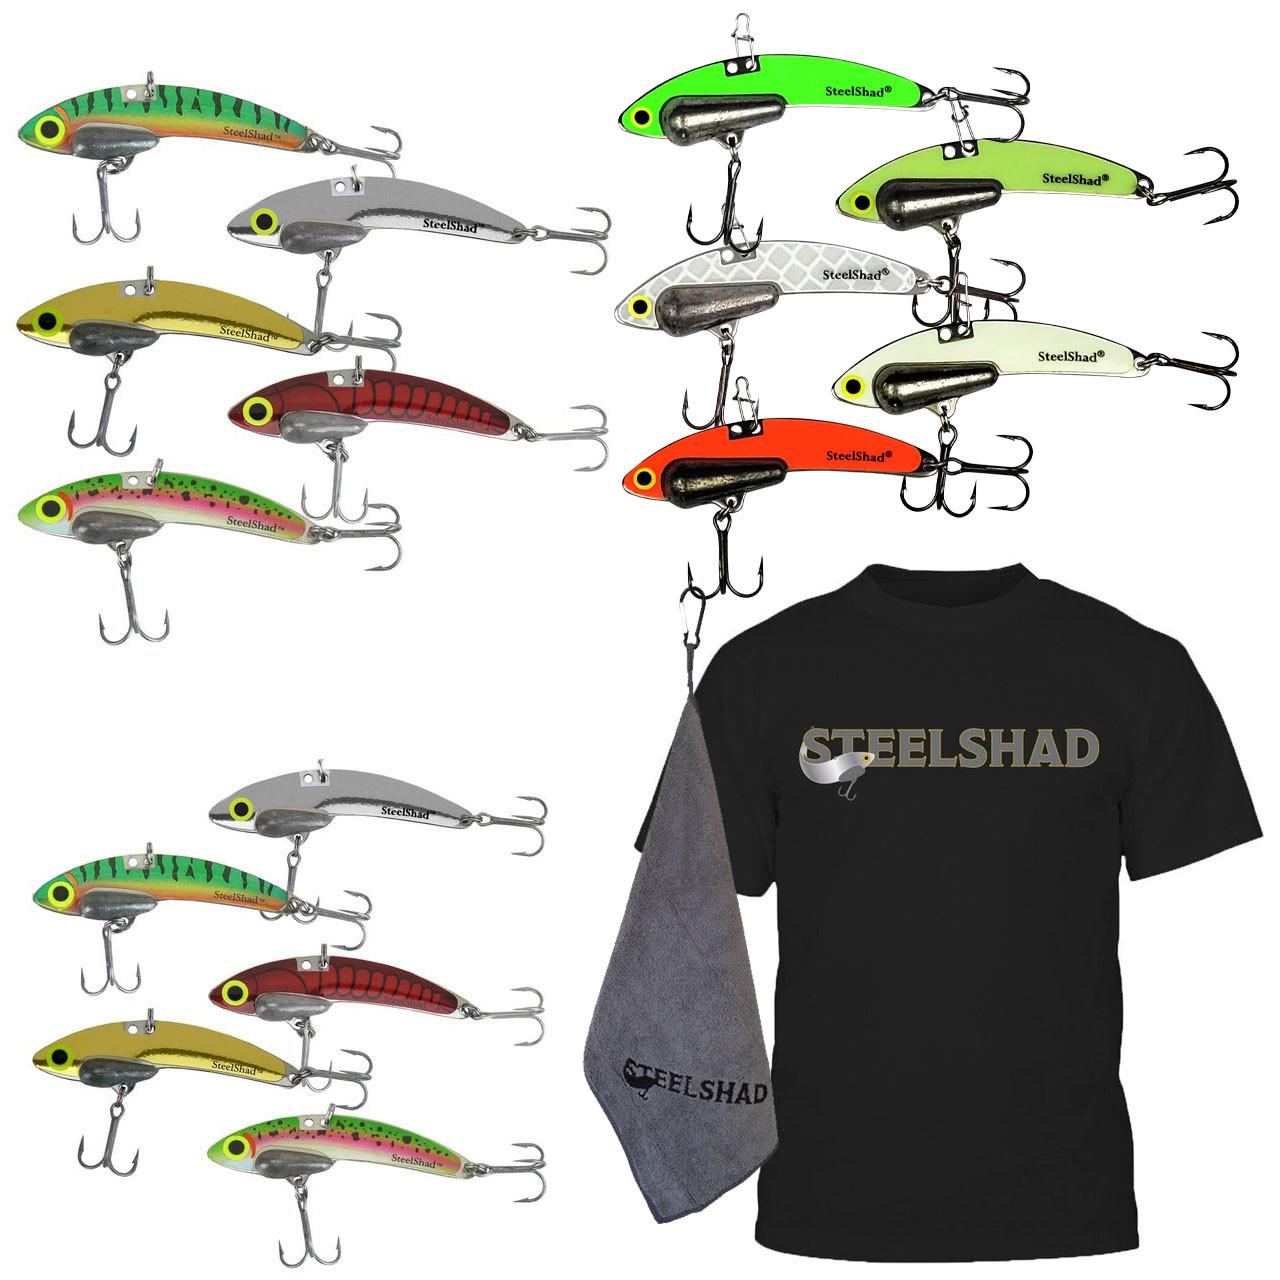 SteelShad Whopper Gift Pack